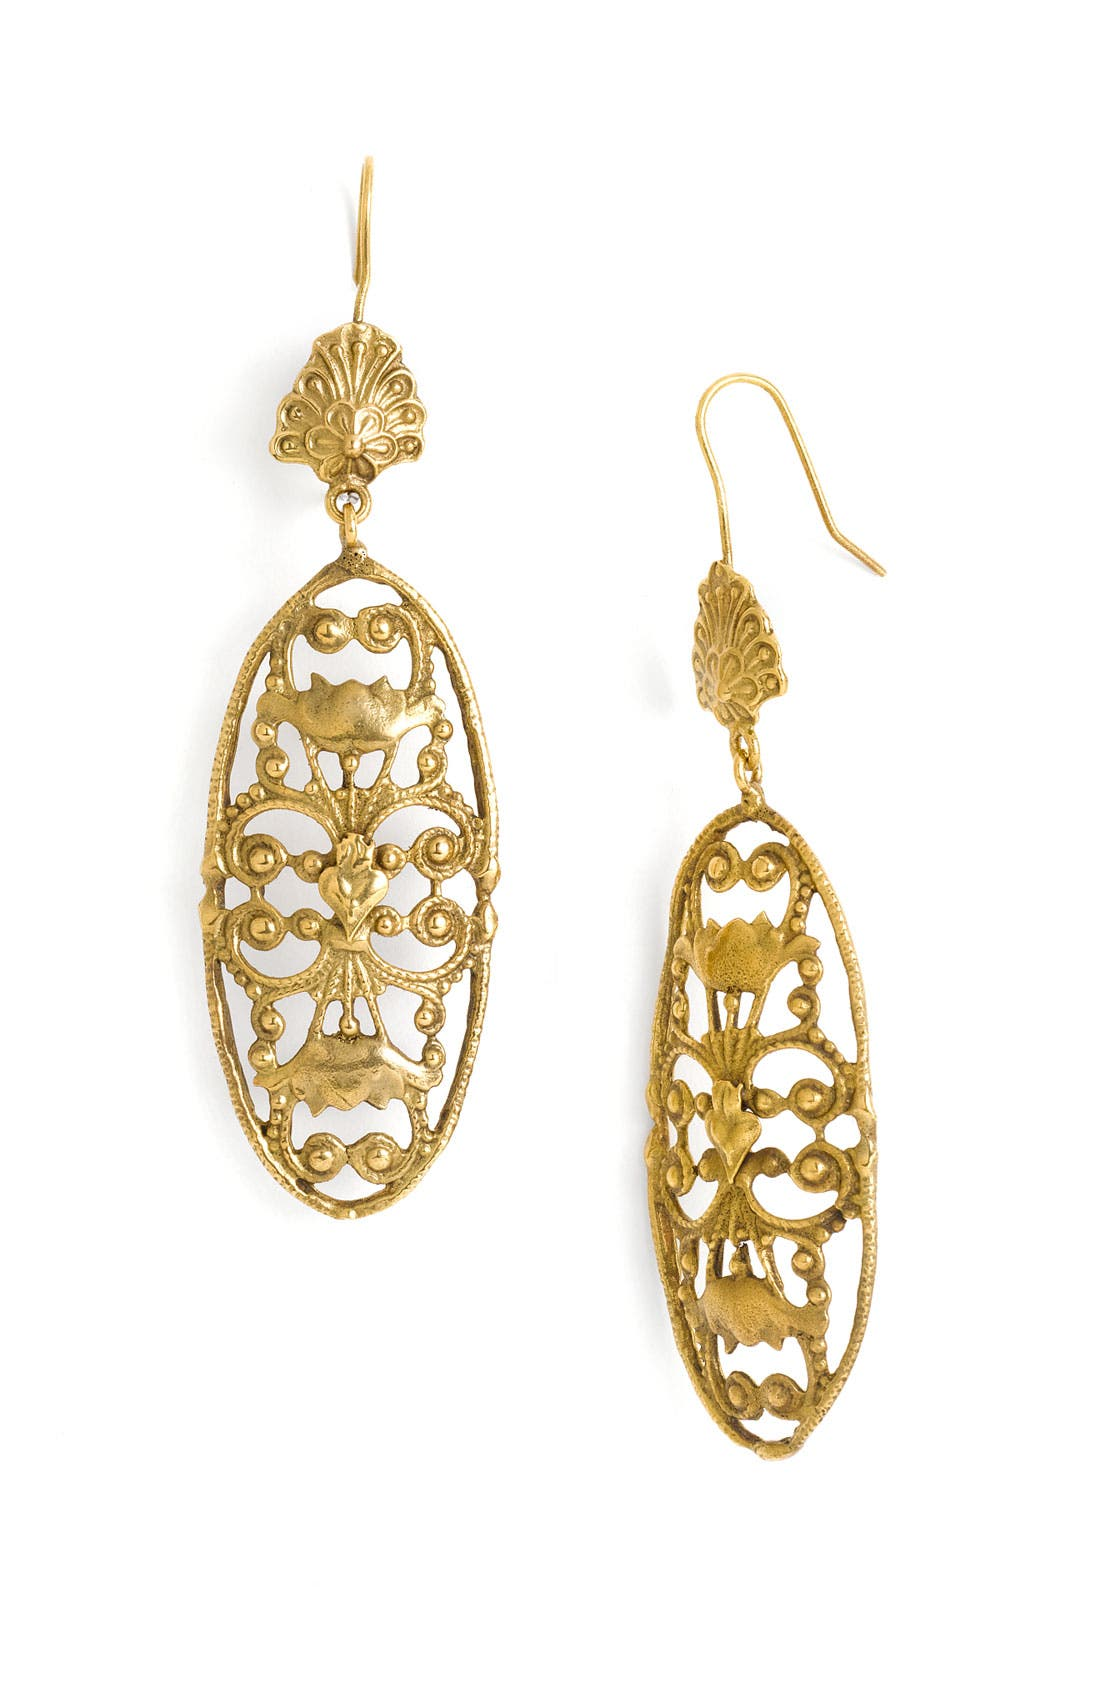 Alternate Image 1 Selected - Virgins Saints & Angels 'Antigua' Drop Earrings